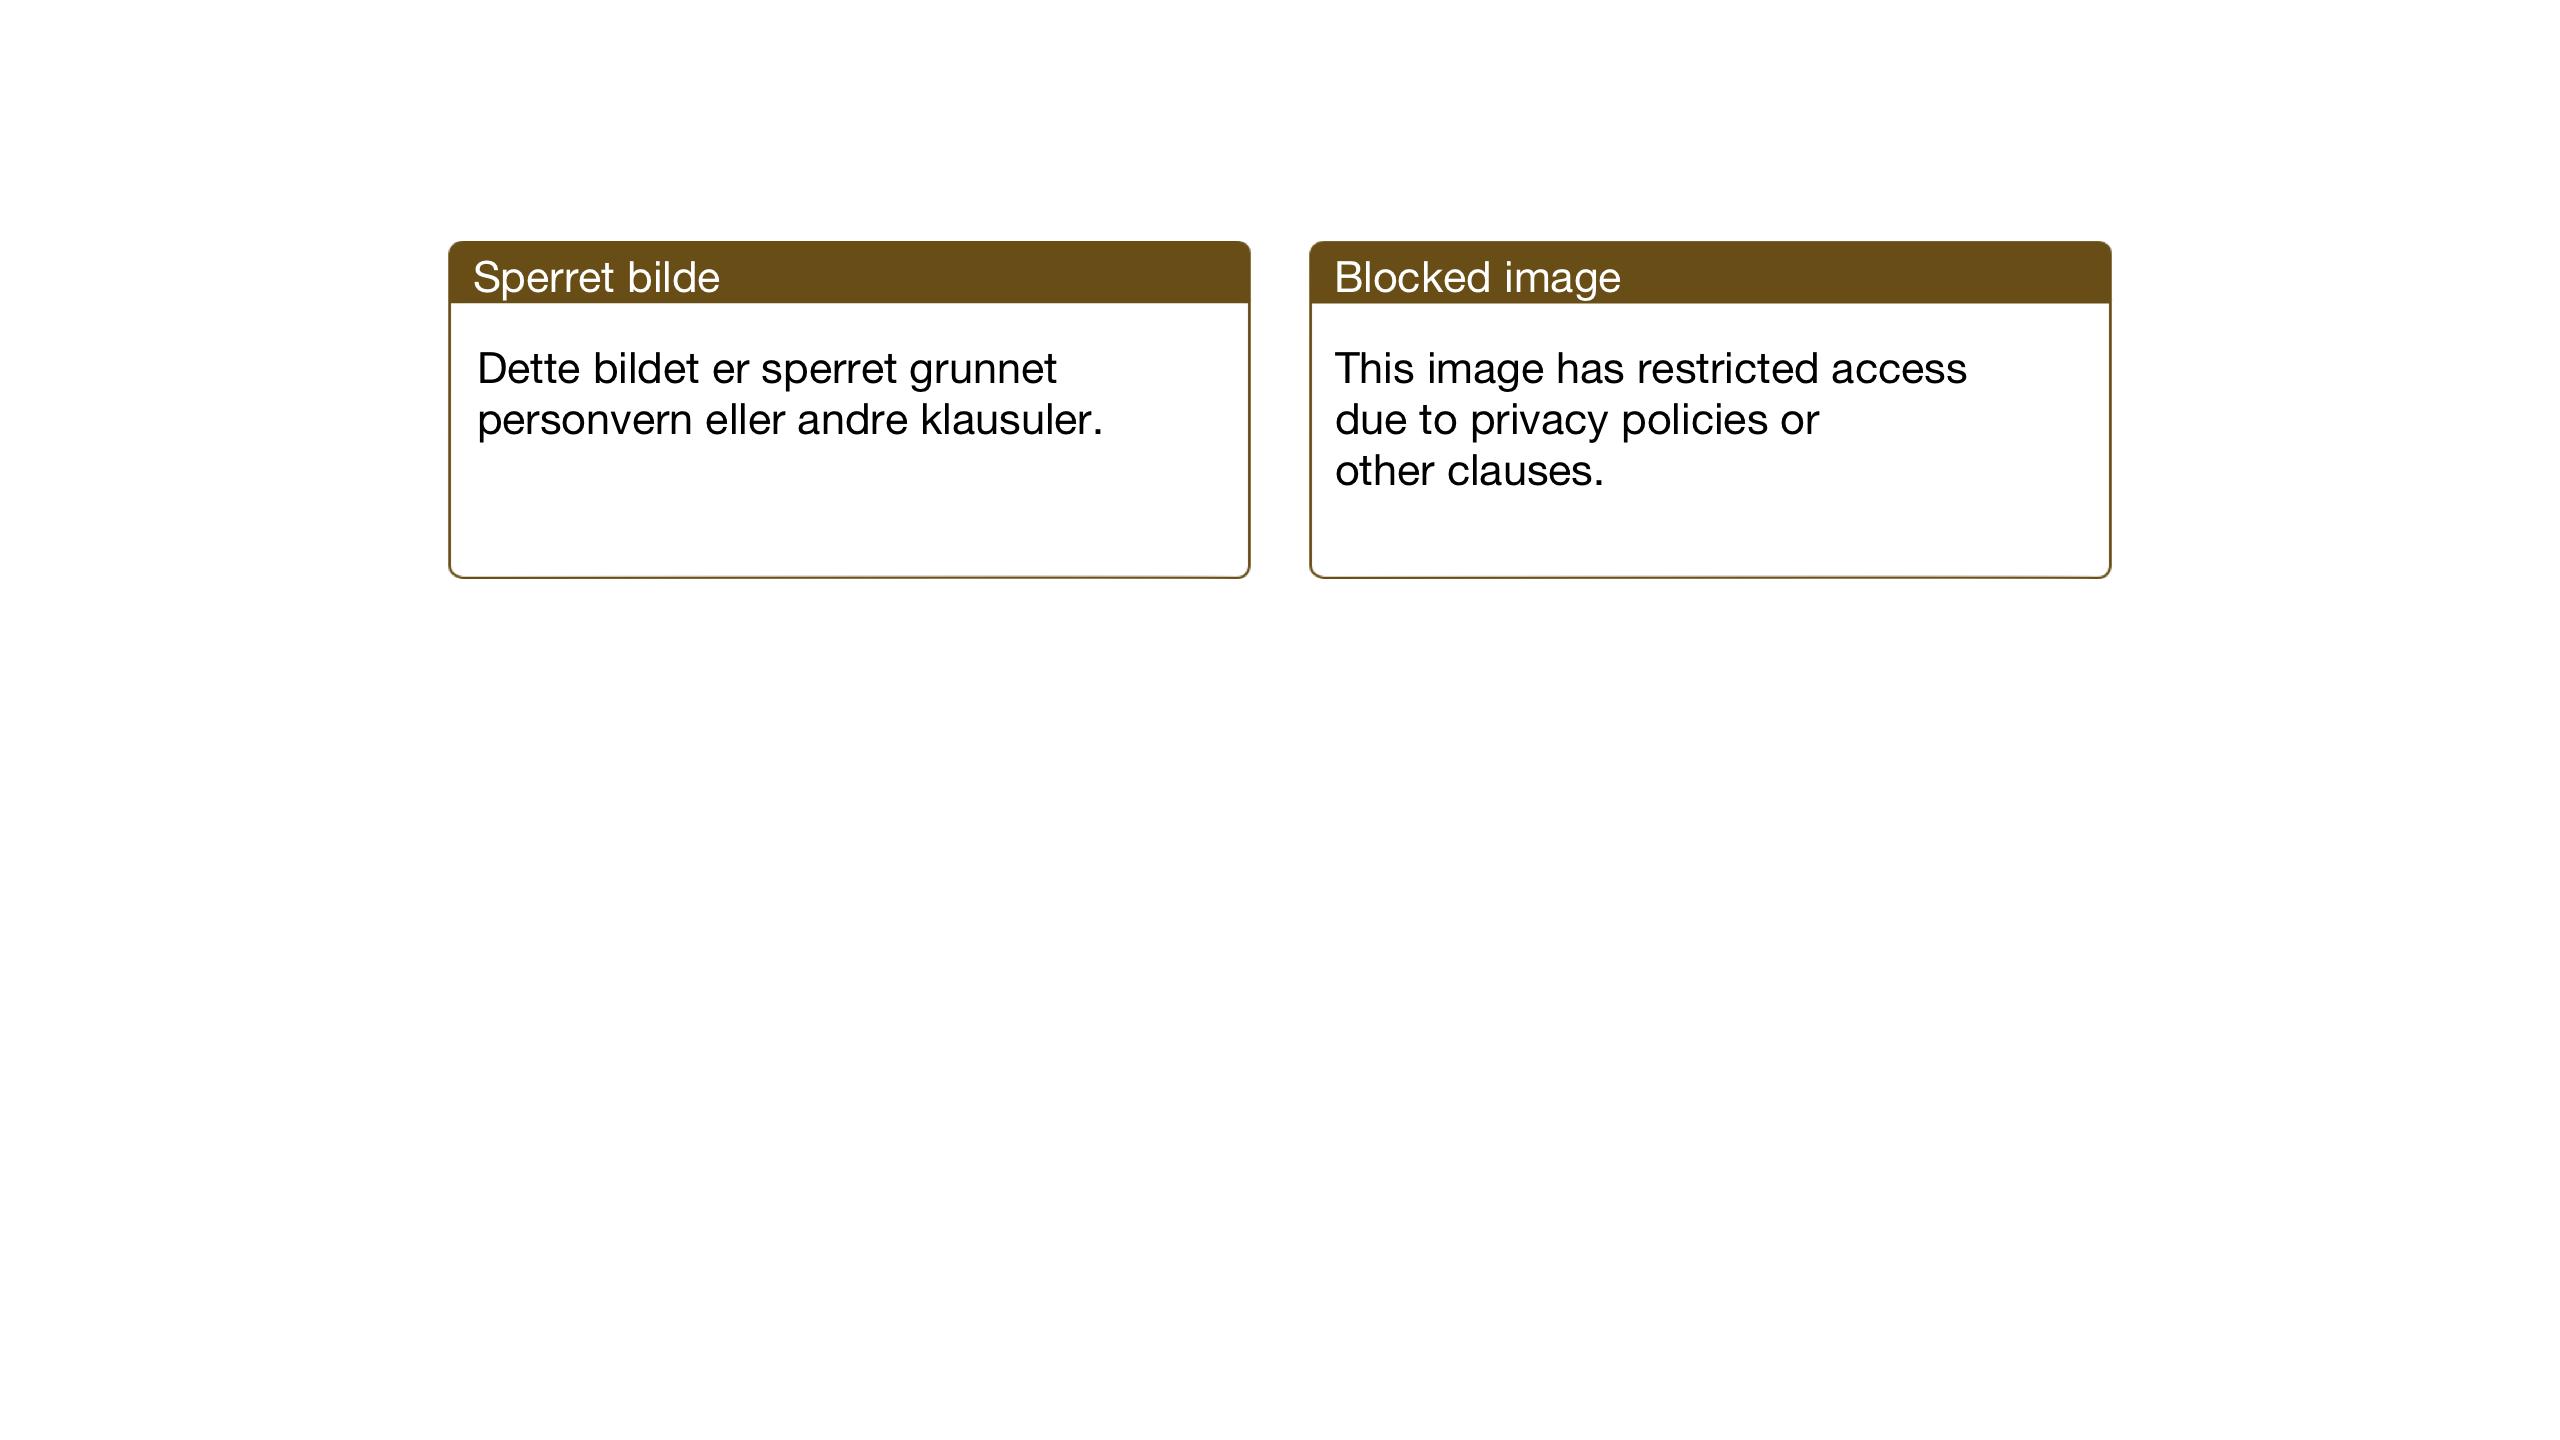 SAT, Ministerialprotokoller, klokkerbøker og fødselsregistre - Sør-Trøndelag, 670/L0837: Klokkerbok nr. 670C01, 1905-1946, s. 190-191